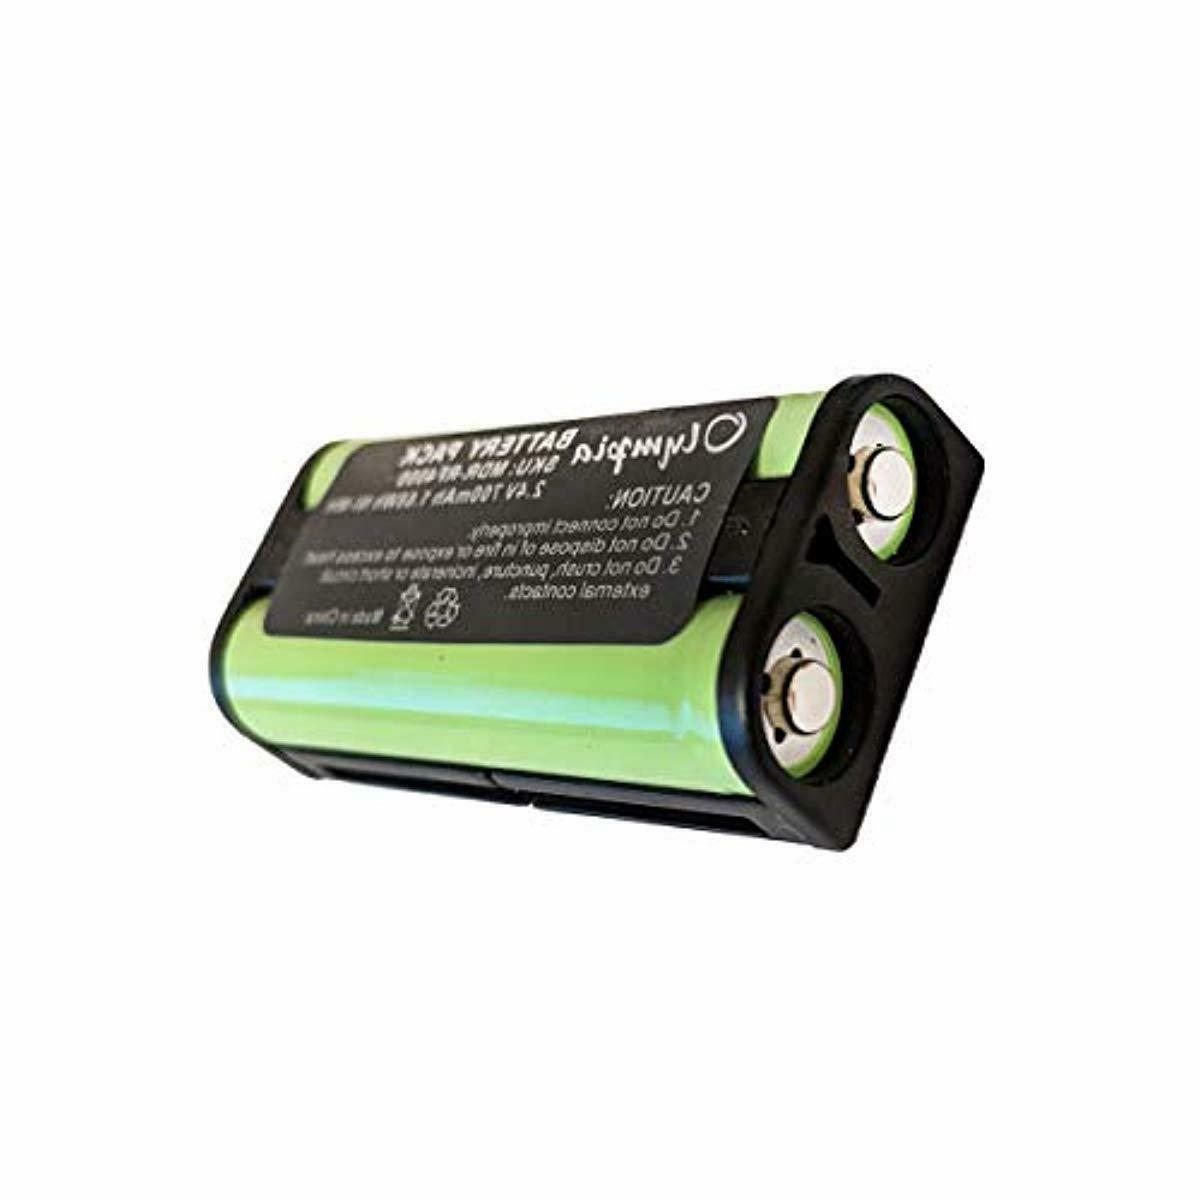 2 Pack Battery for Sony BP-HP550-11 Headphone